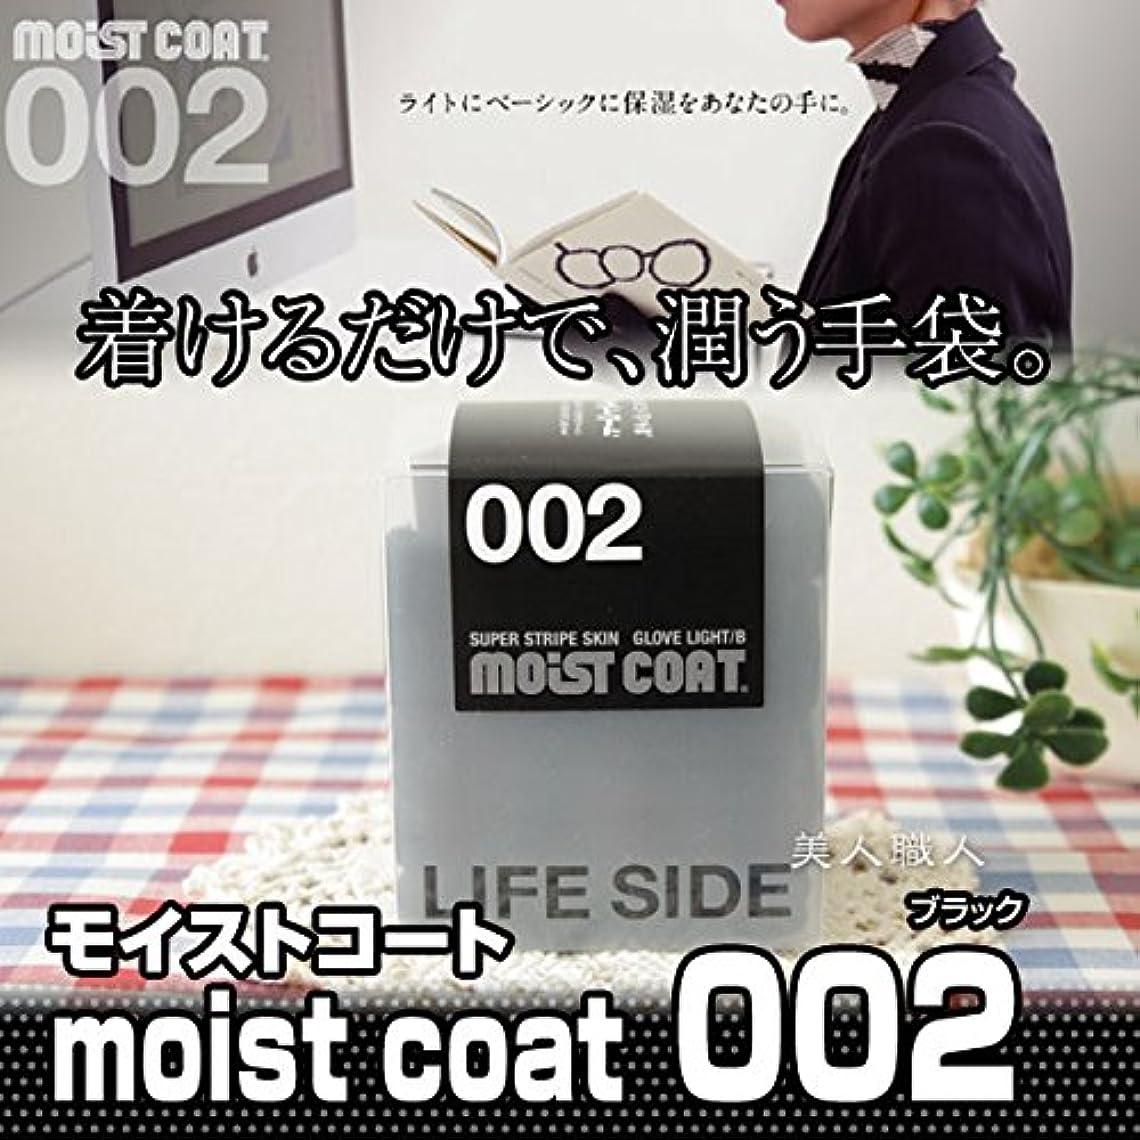 絞る葡萄安息コラーゲン手袋 モイストコート002 ブラック